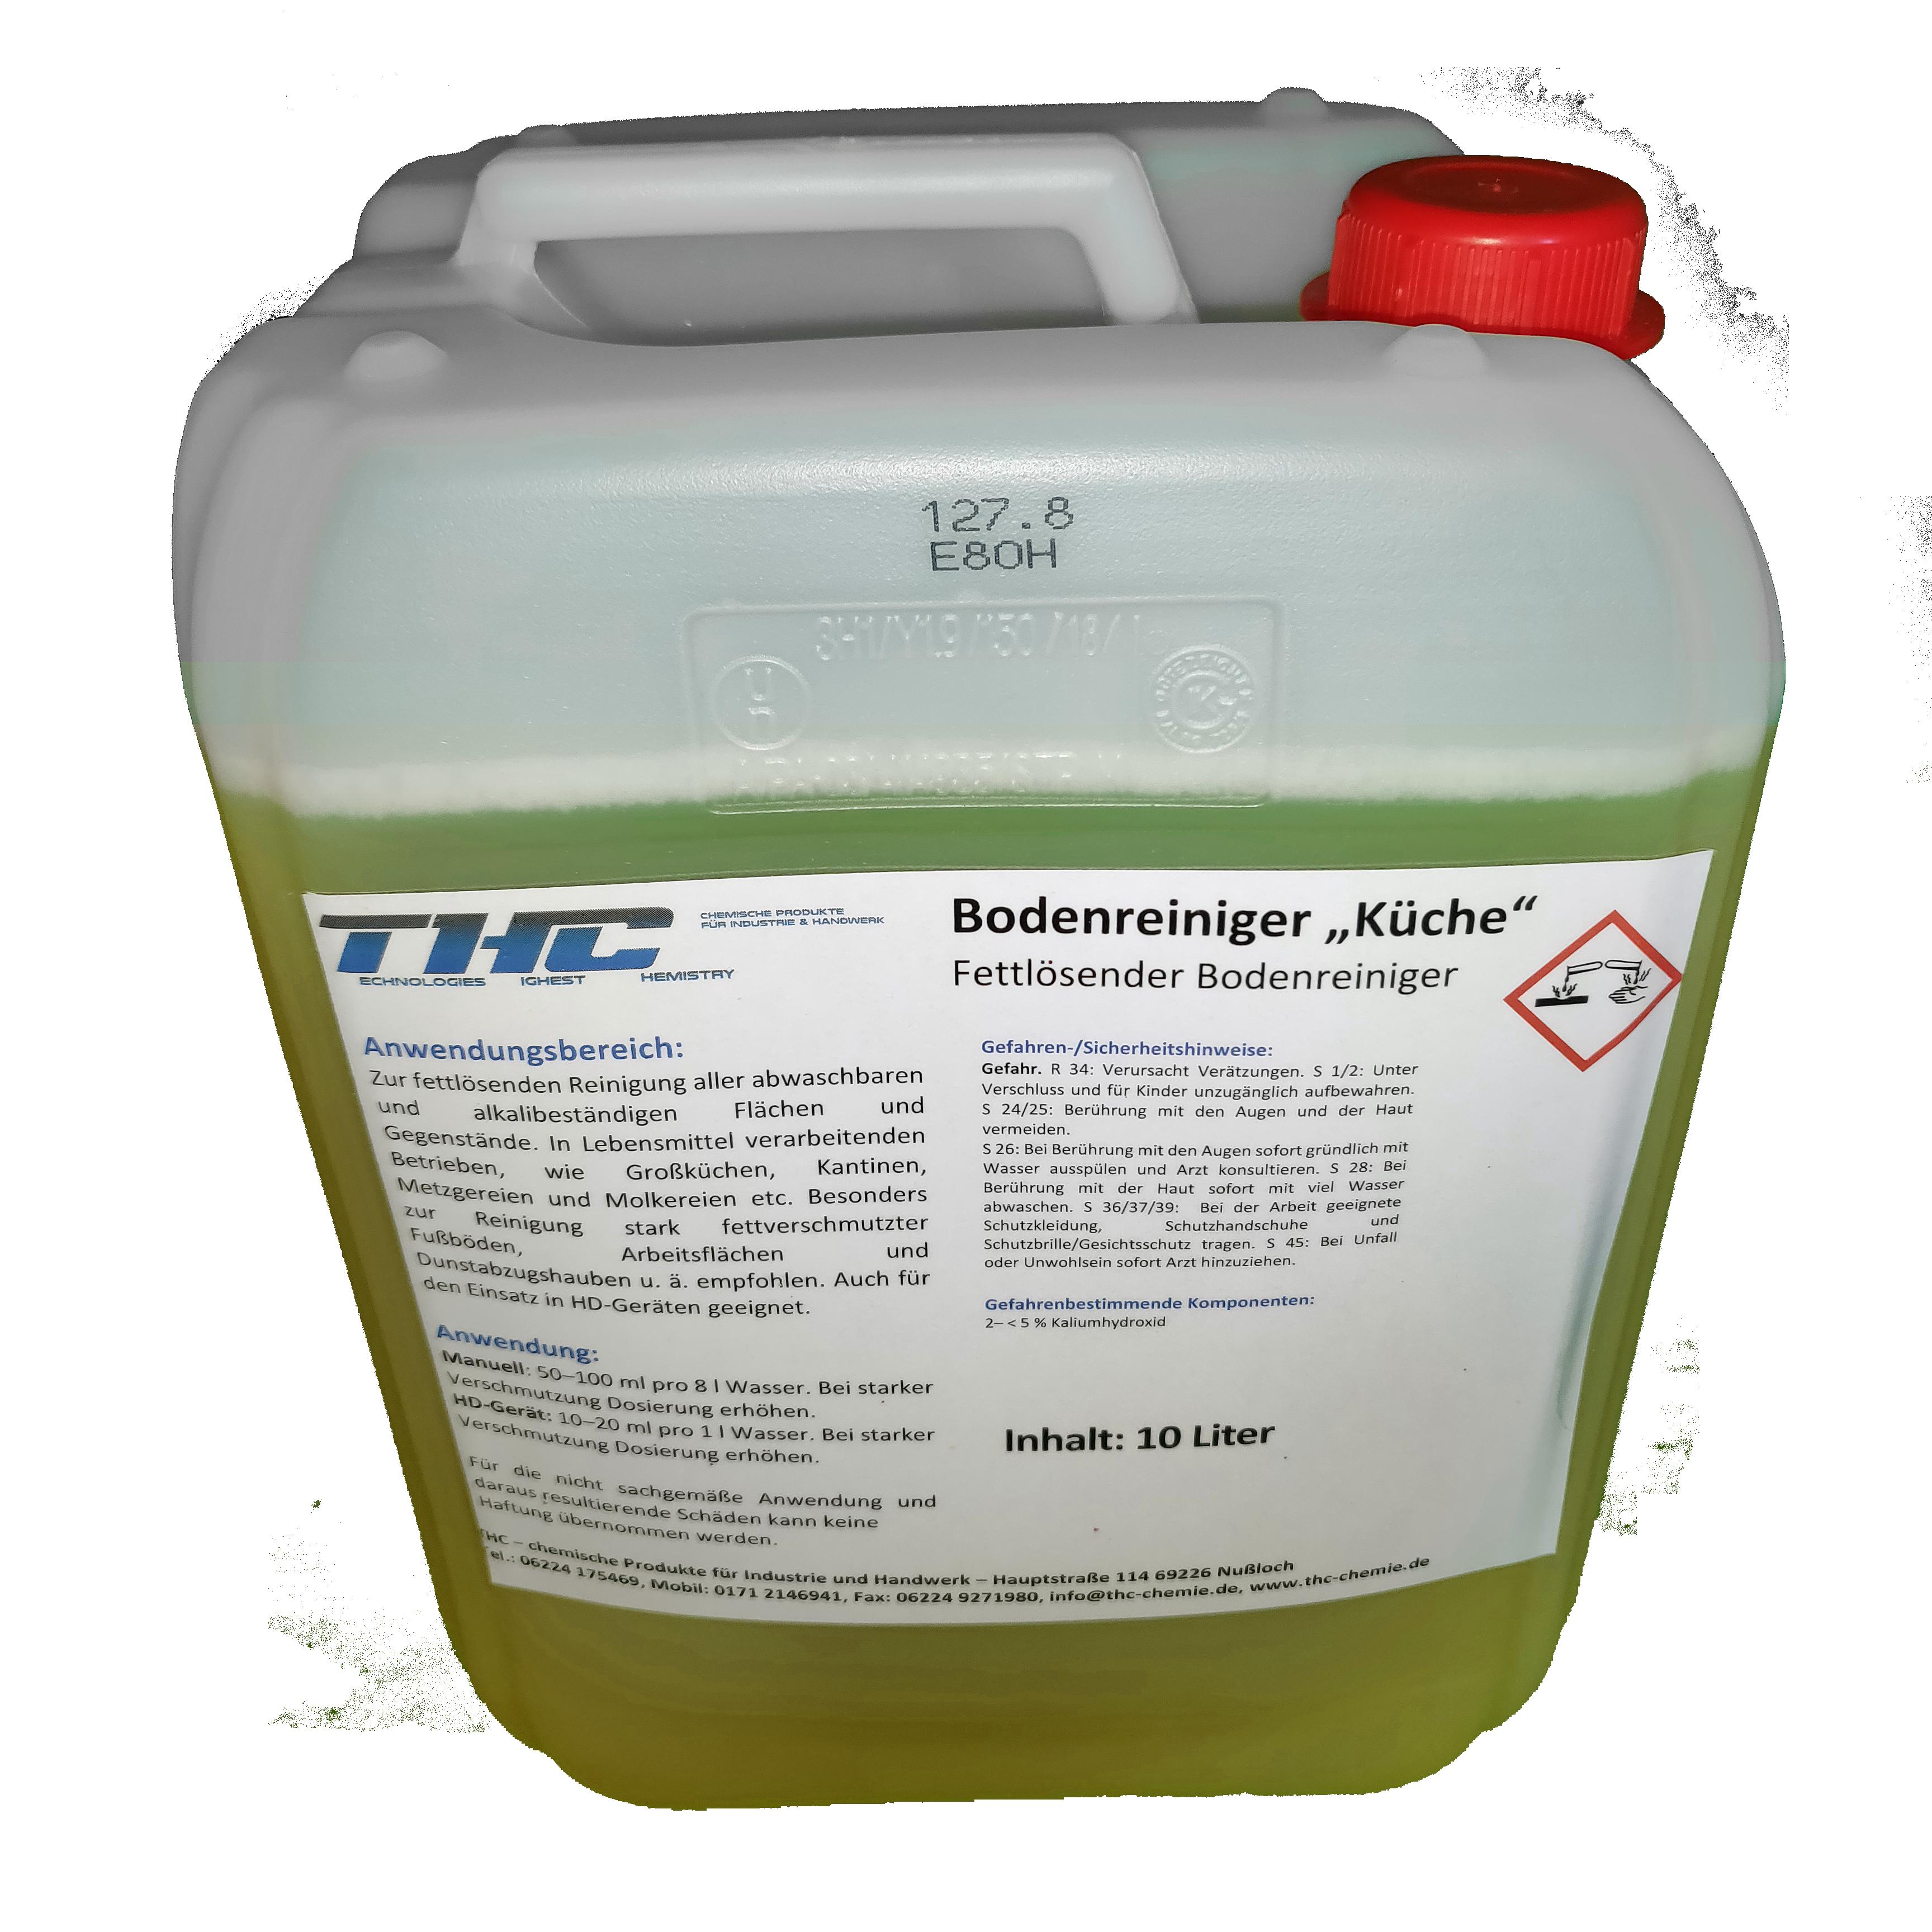 Bodenreiniger Küche – starker alkalischer Fettlöser – TH-Chemie